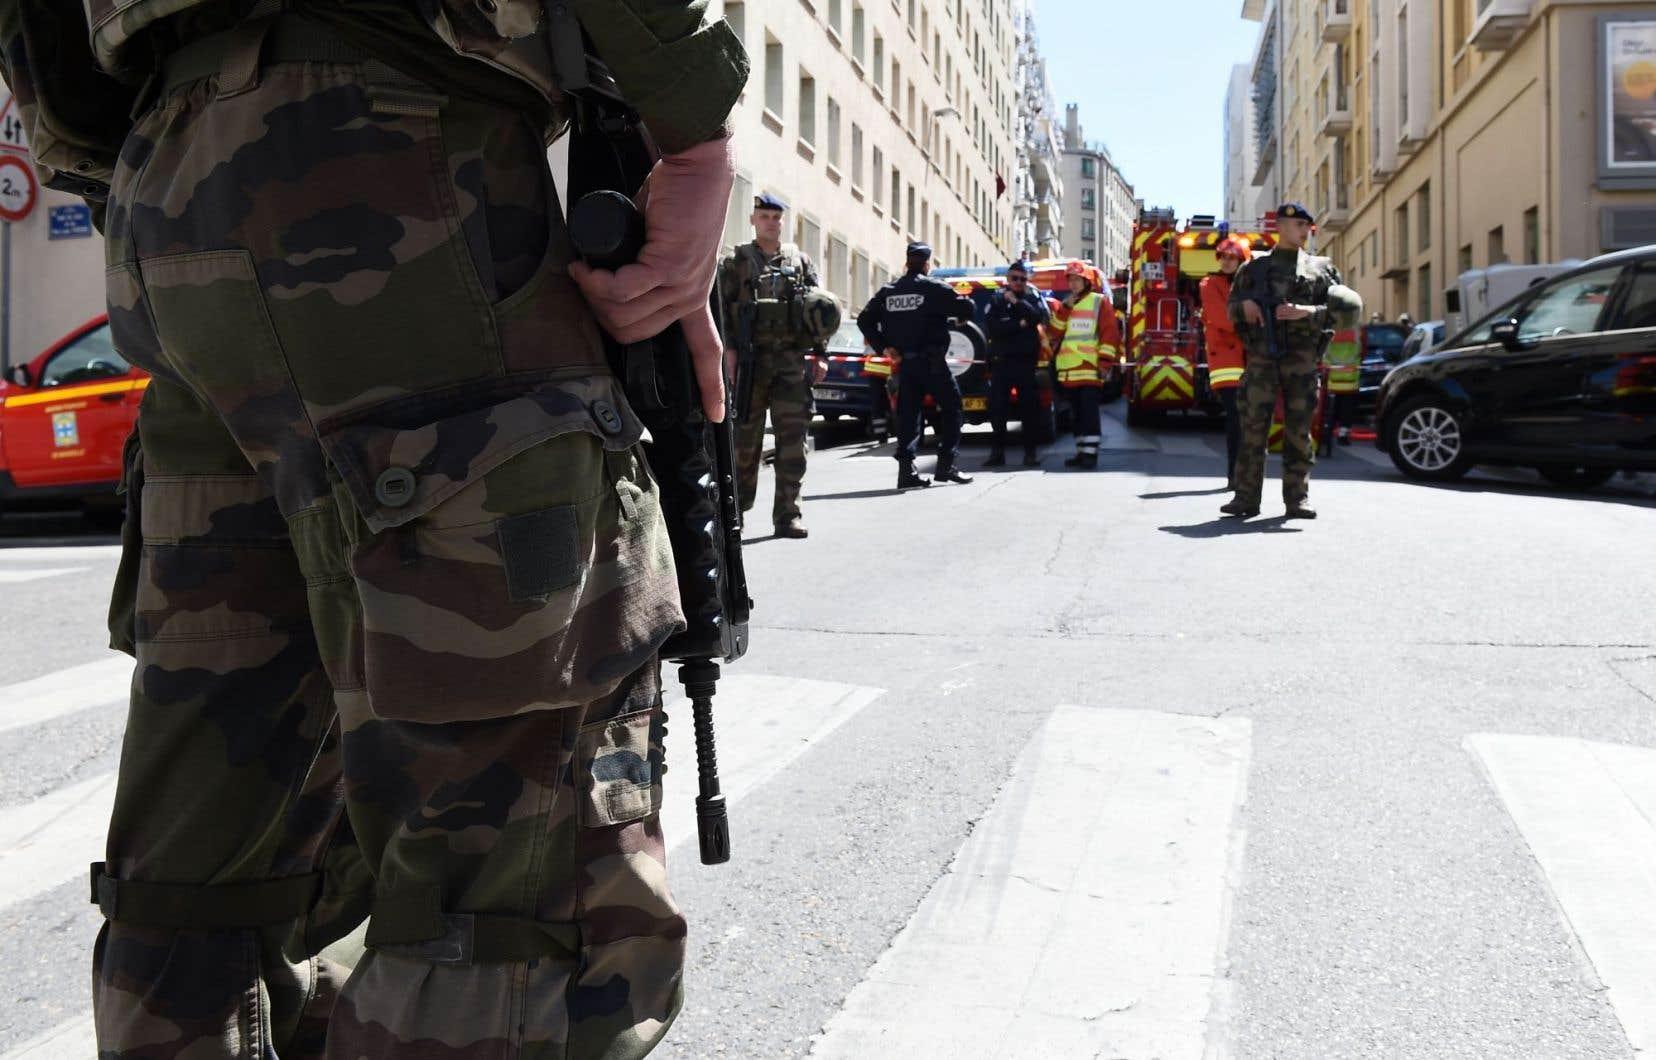 Des soldats français, des policiers et des pompiers sont aperçus sur le site d'une fouille policière à la maison d'un des deux hommes arrêtés.